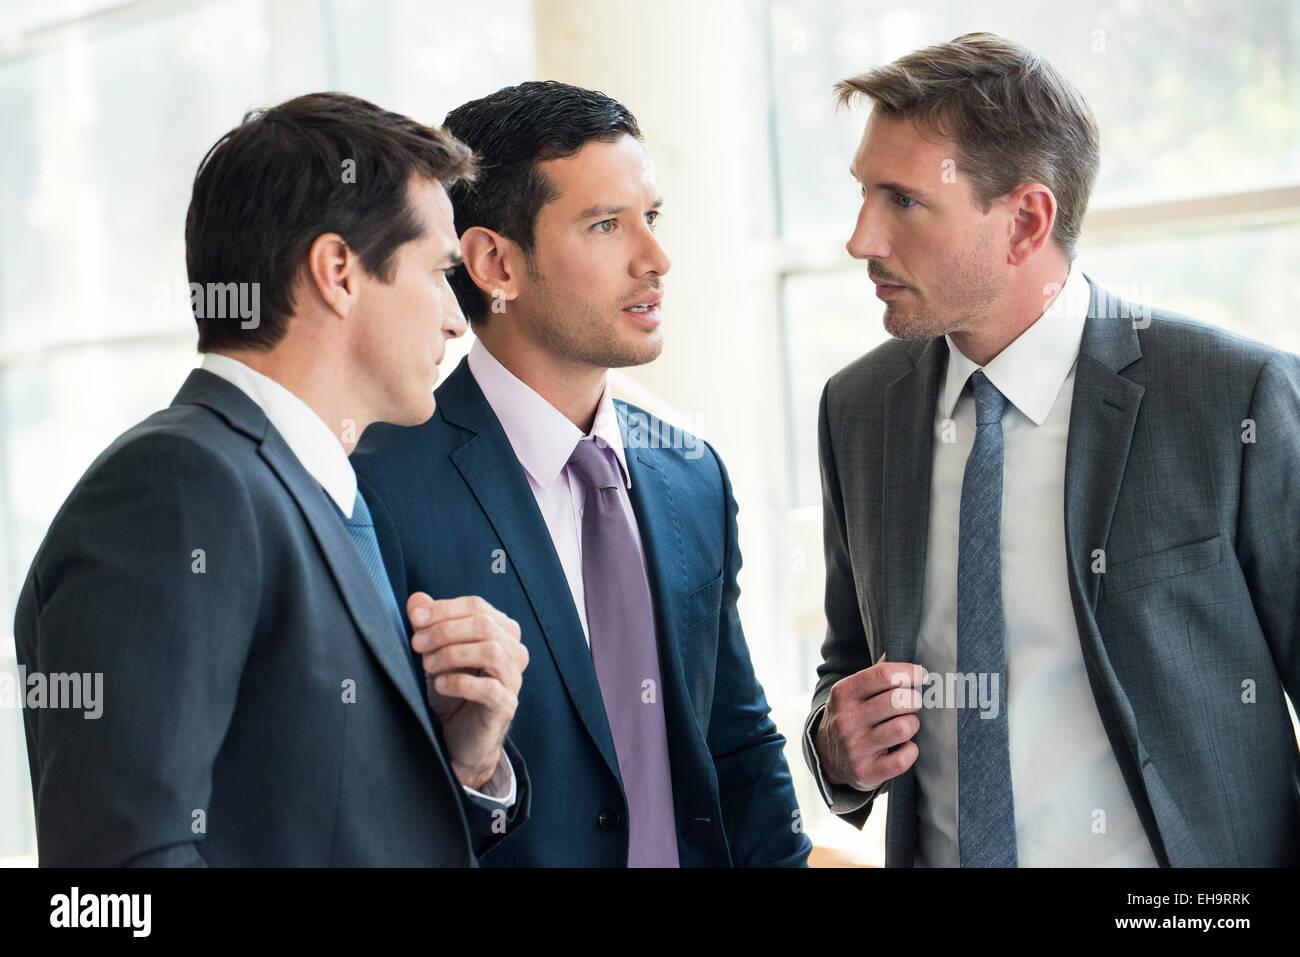 Les hommes d'avoir une discussion sérieuse Photo Stock